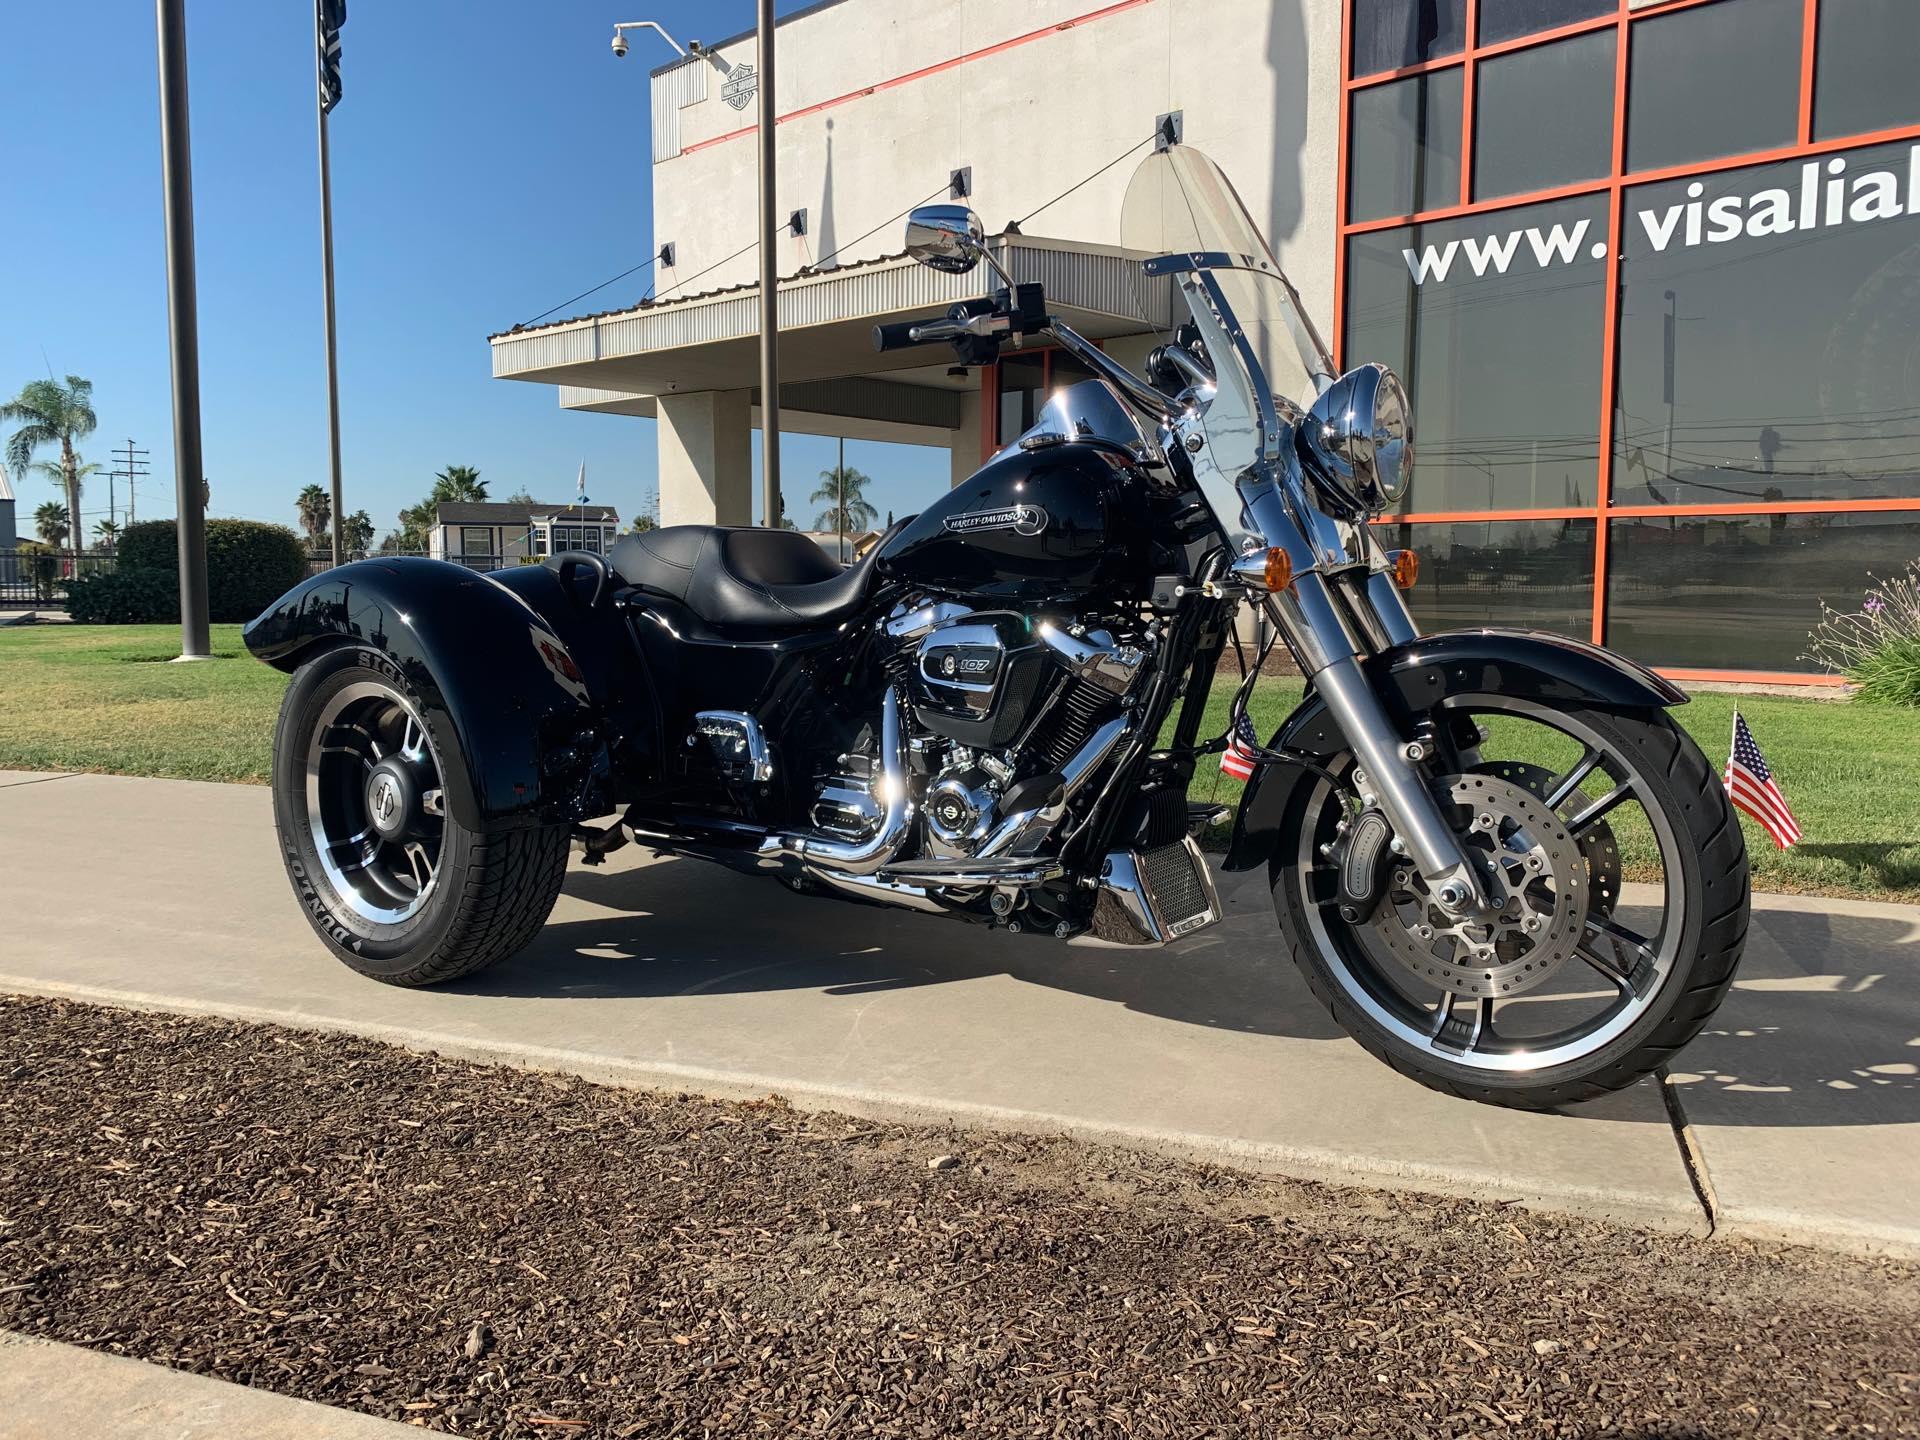 2017 Harley-Davidson Trike Freewheeler at Visalia Harley-Davidson